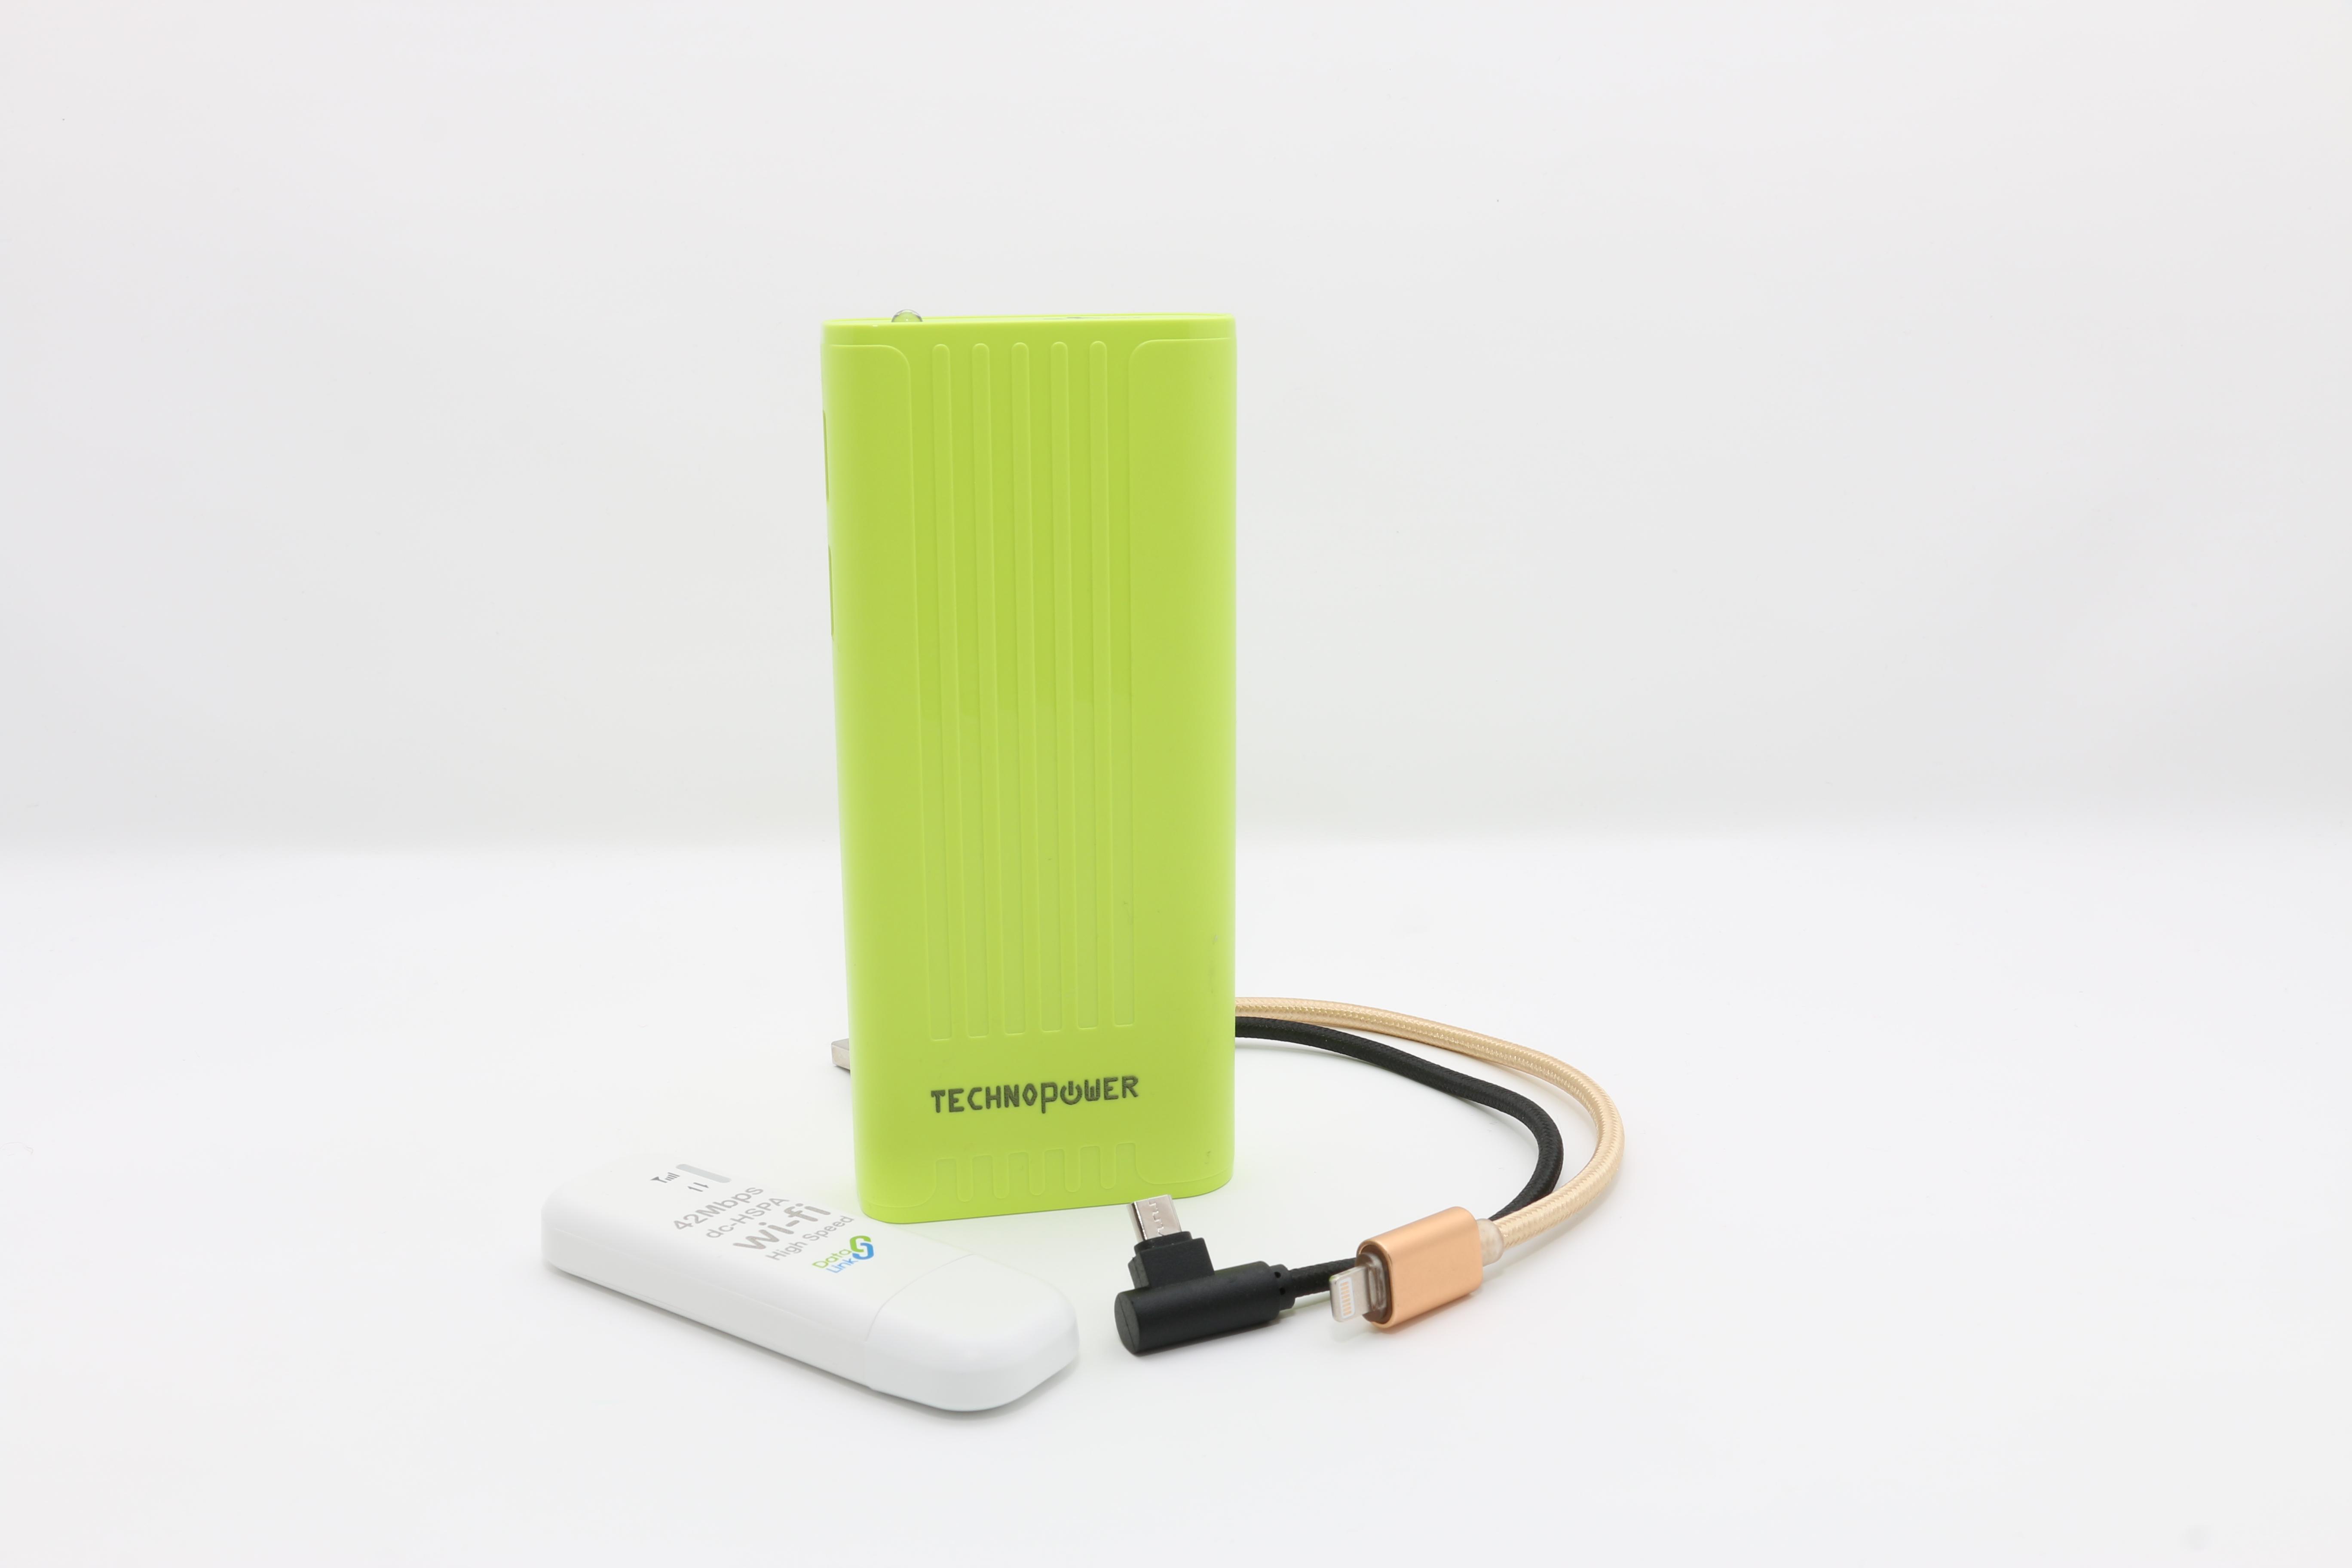 تكنو باور  بنك أخضر  سعة 10000 مللي أمبير مع راوتر - واي فاي USB